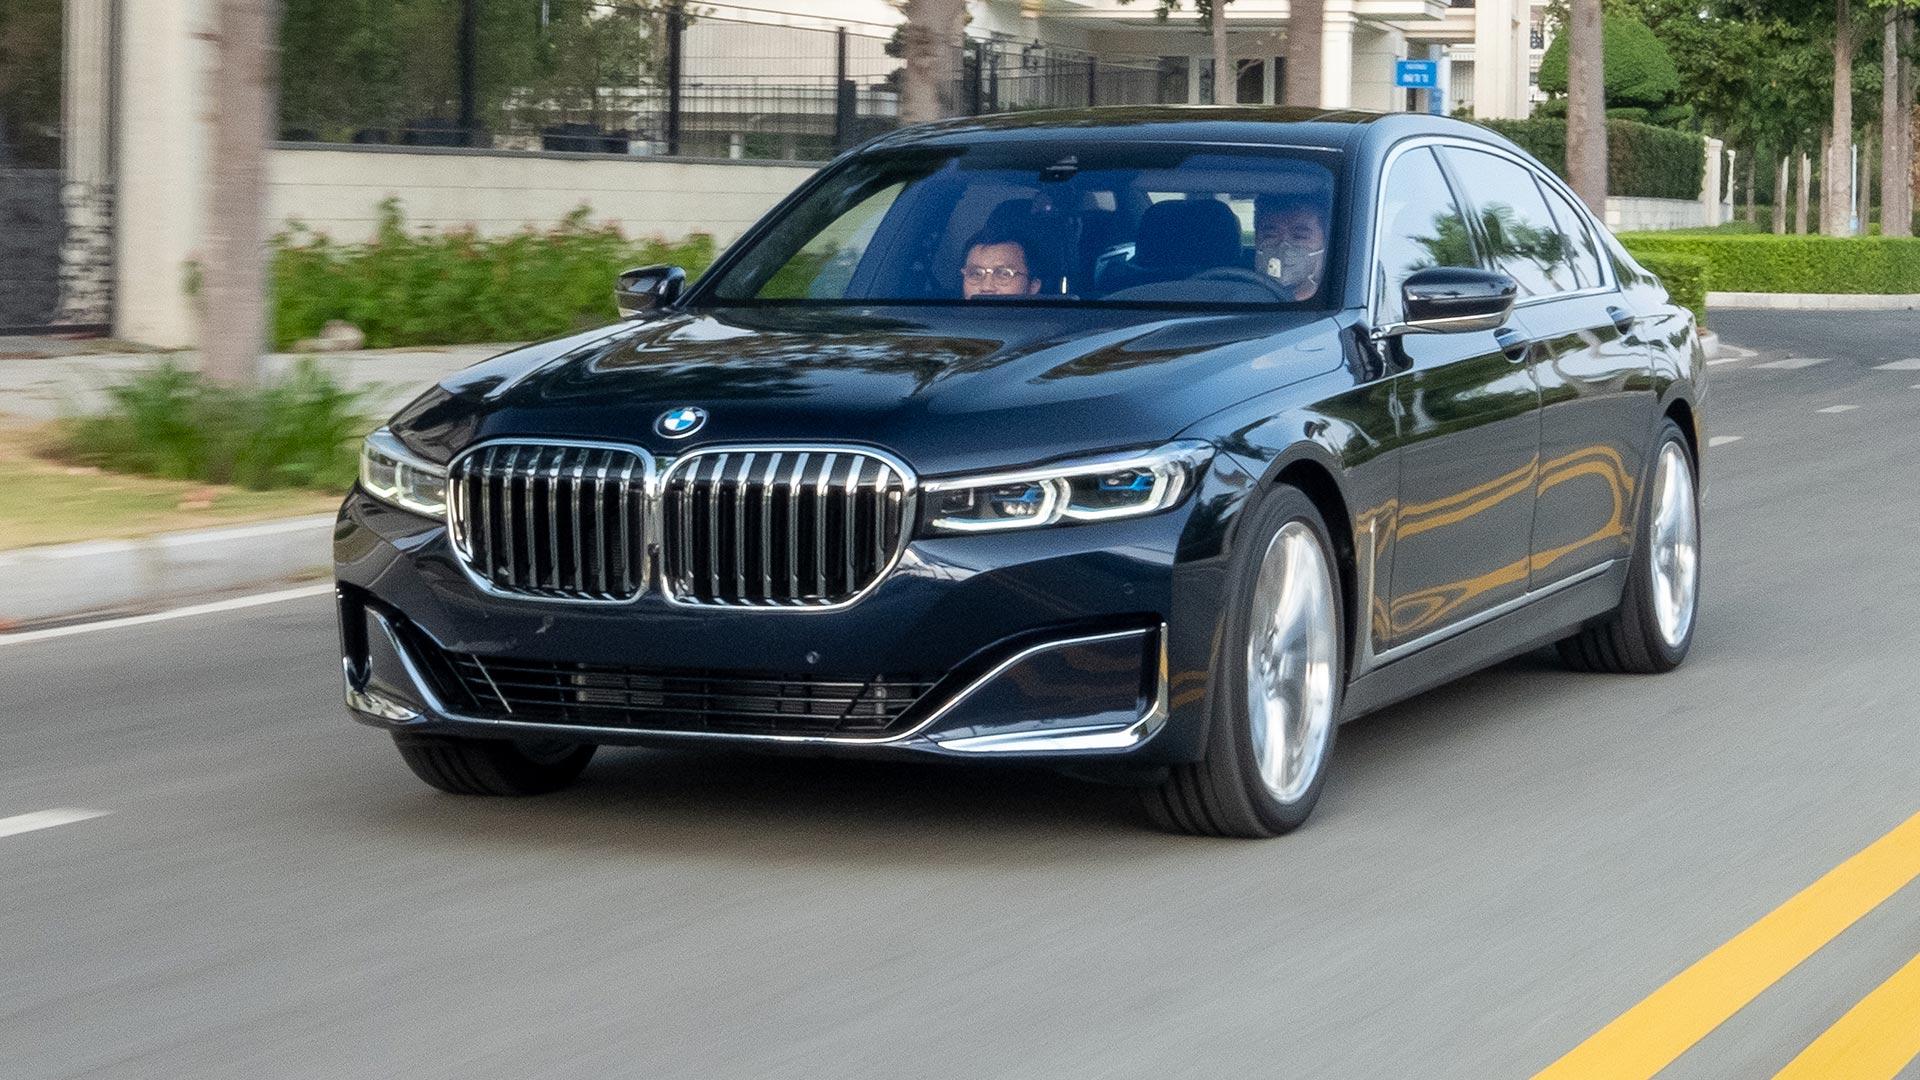 Đánh giá xe BMW 740Li 2020 Pure Excellence giá hơn 6 tỷ đồng ĐẦU TIÊN tại Việt Nam